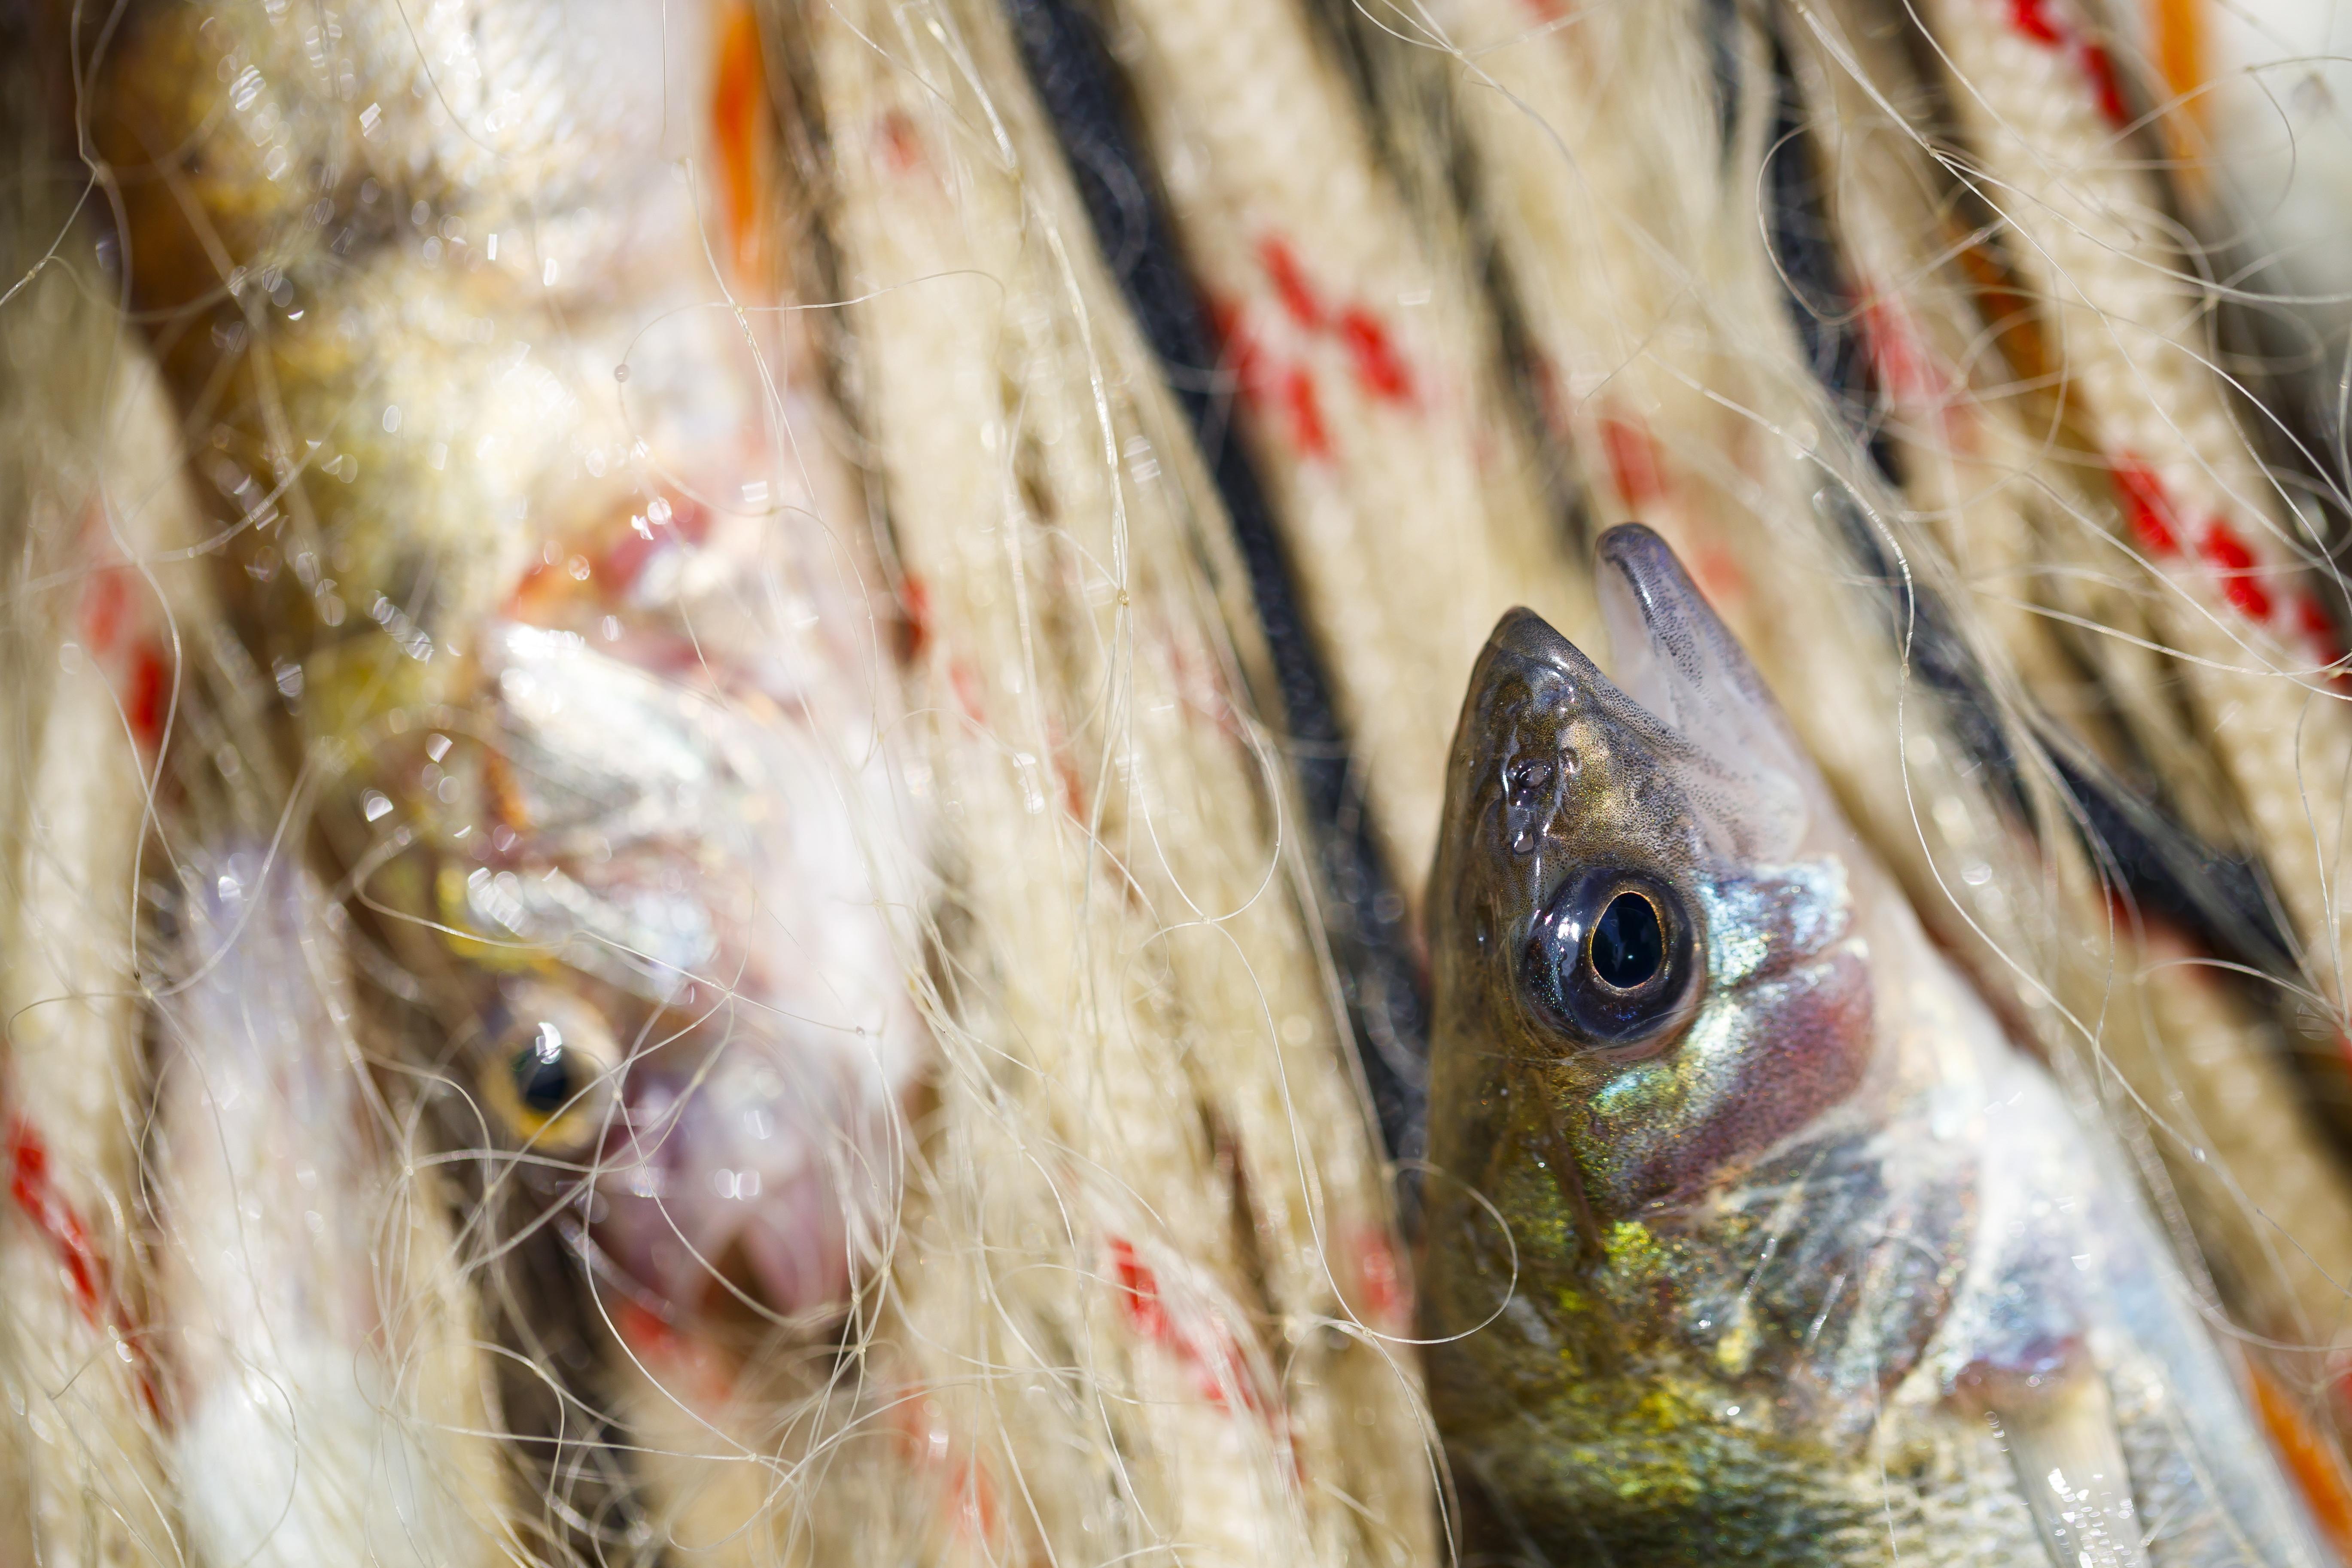 Portugal importou mais de 300 mil toneladas de peixe e exportou 153 mil